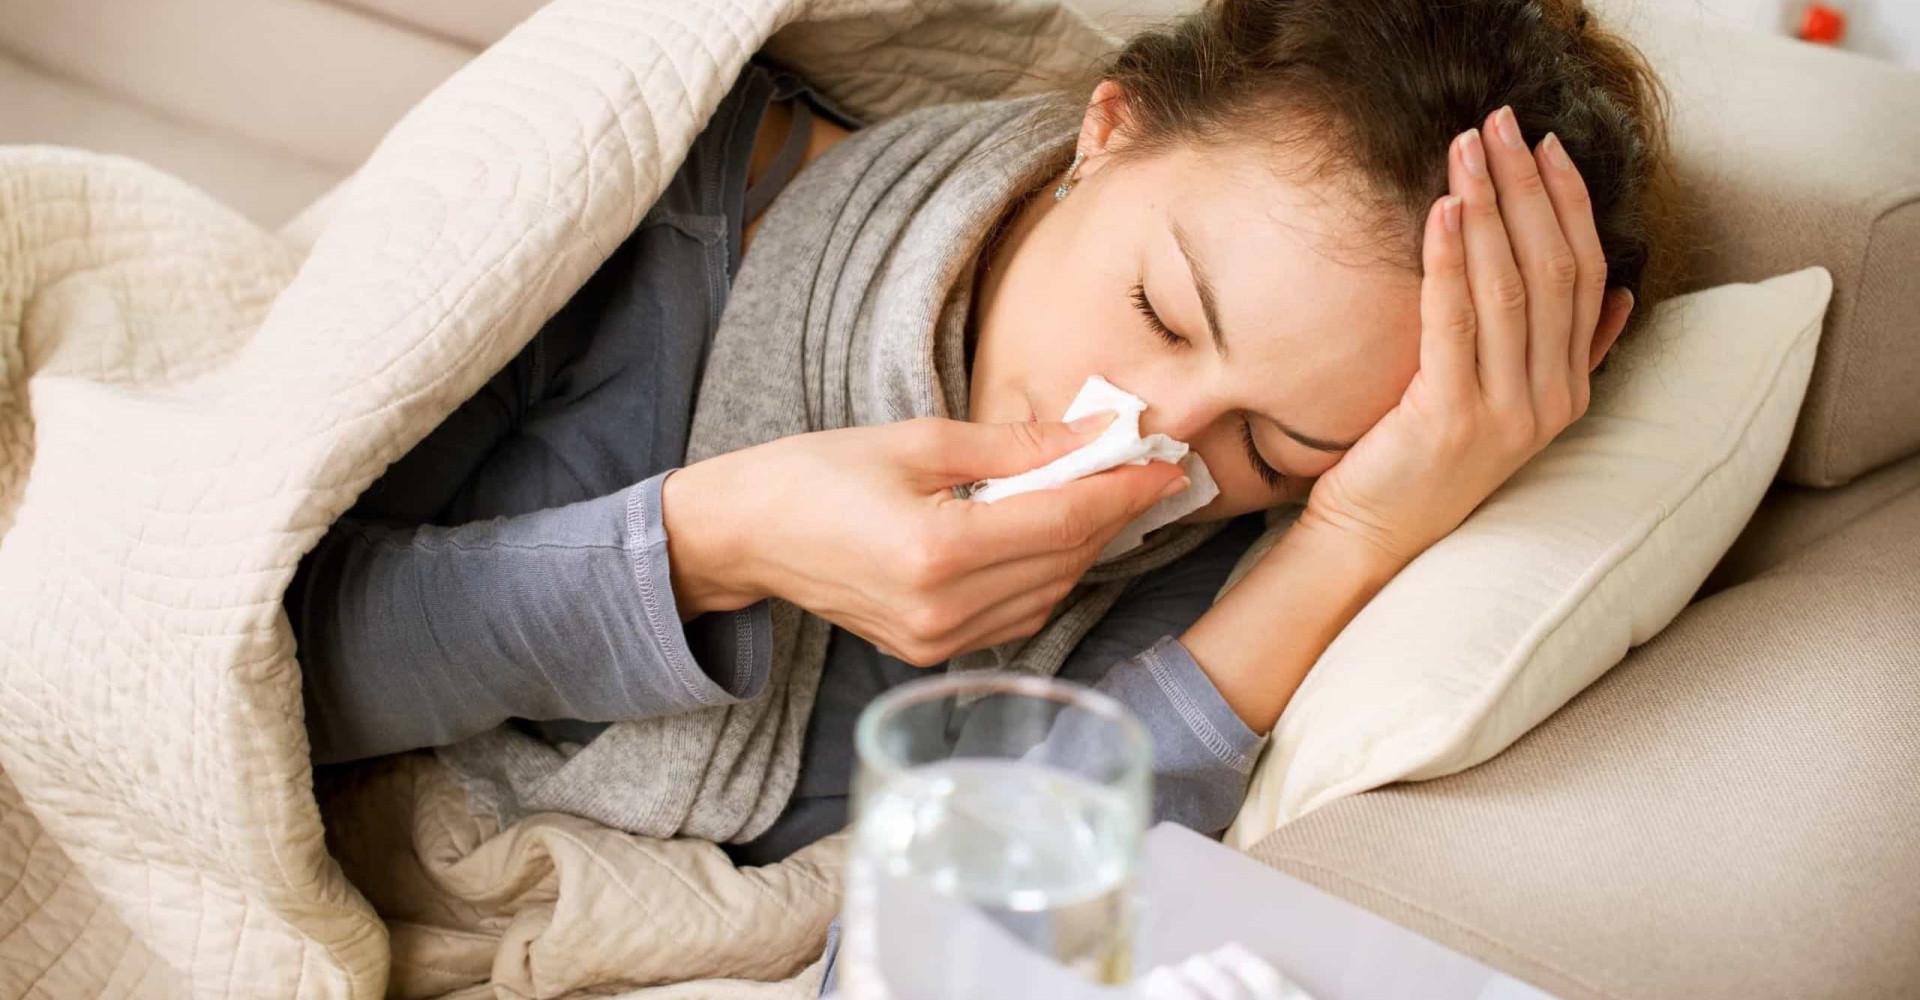 Heb je griep? Zo herken je het vroegtijdig